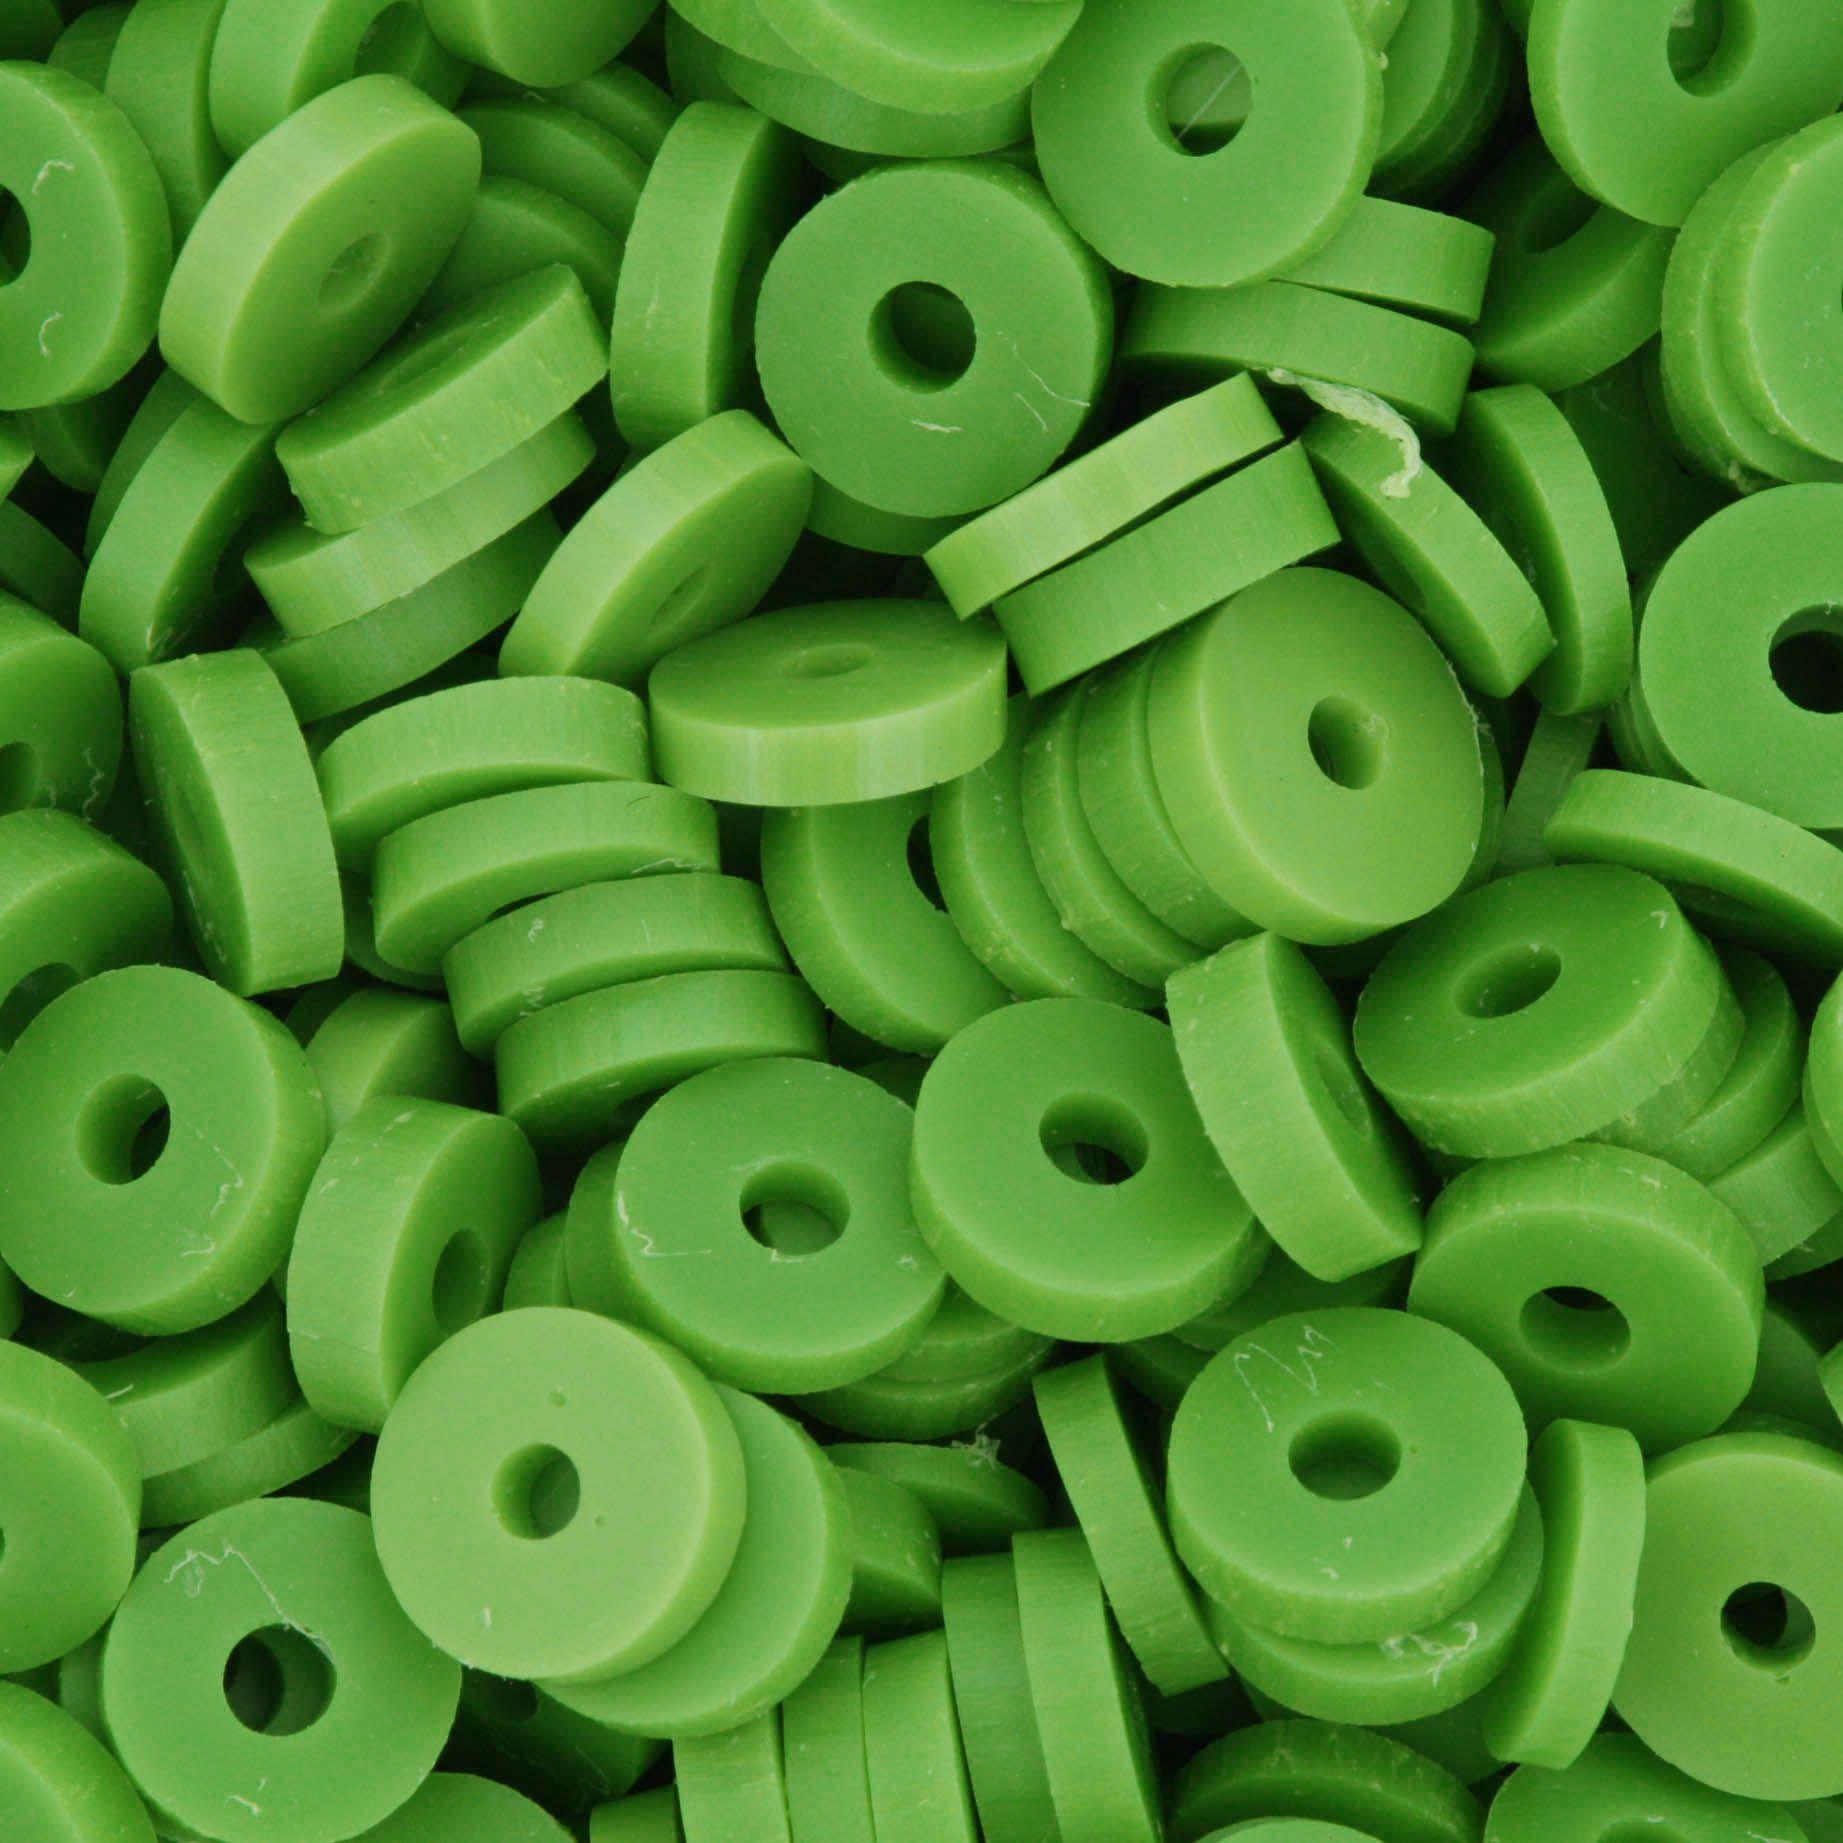 Disquinho - Verde - 7mm  - Stéphanie Bijoux® - Peças para Bijuterias e Artesanato